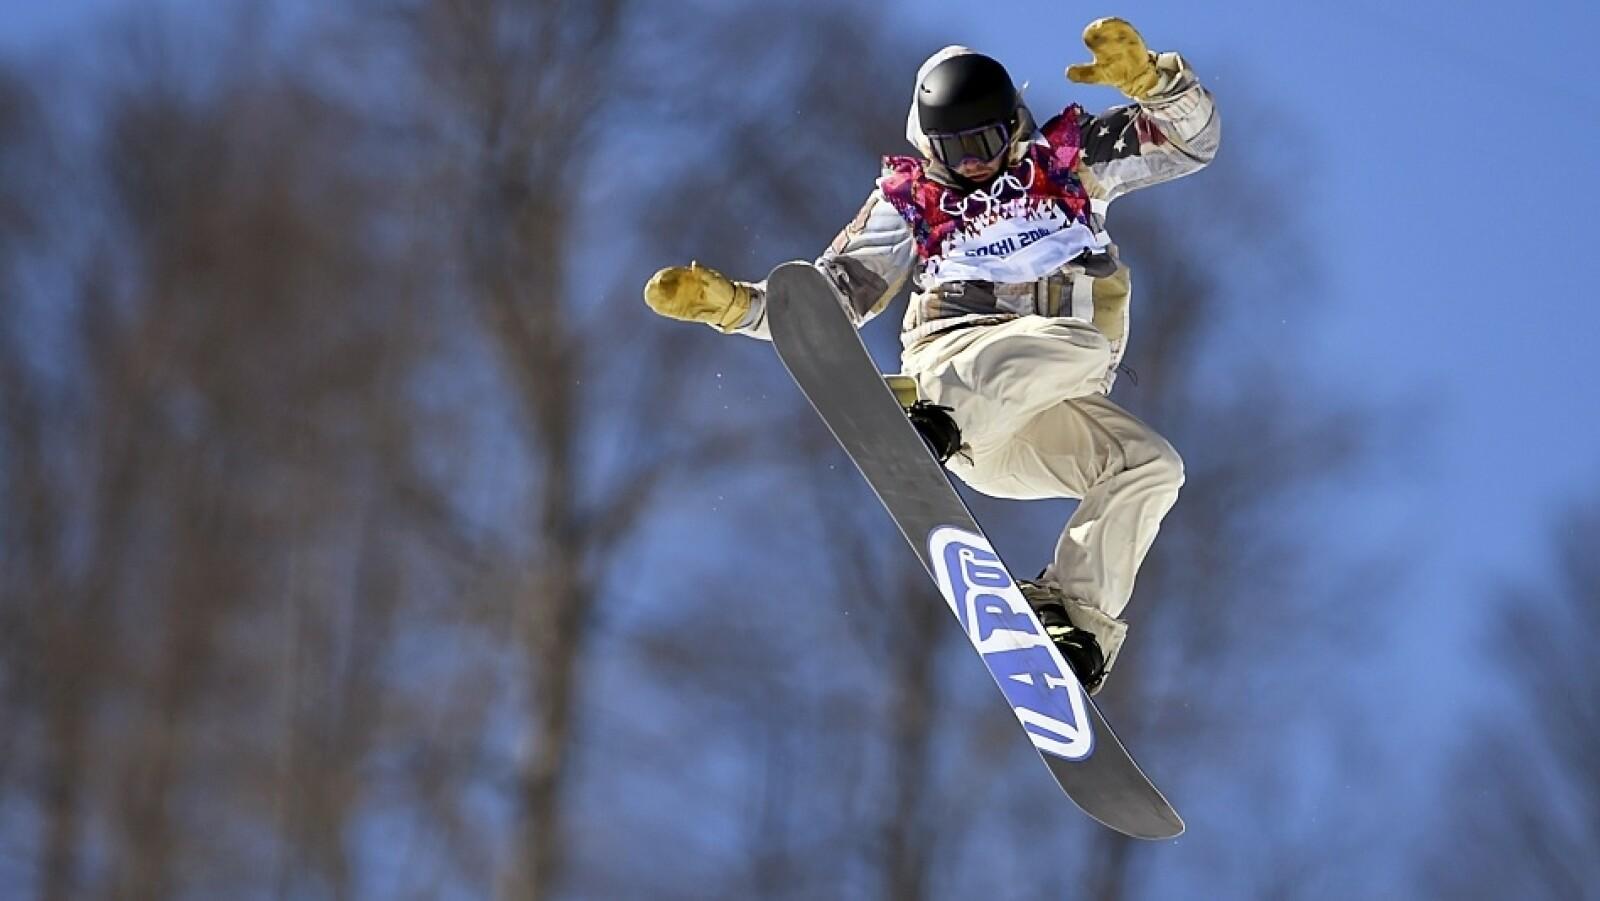 El estadounidense Sage Kotsenburg logró obtener la primera medalla de oro